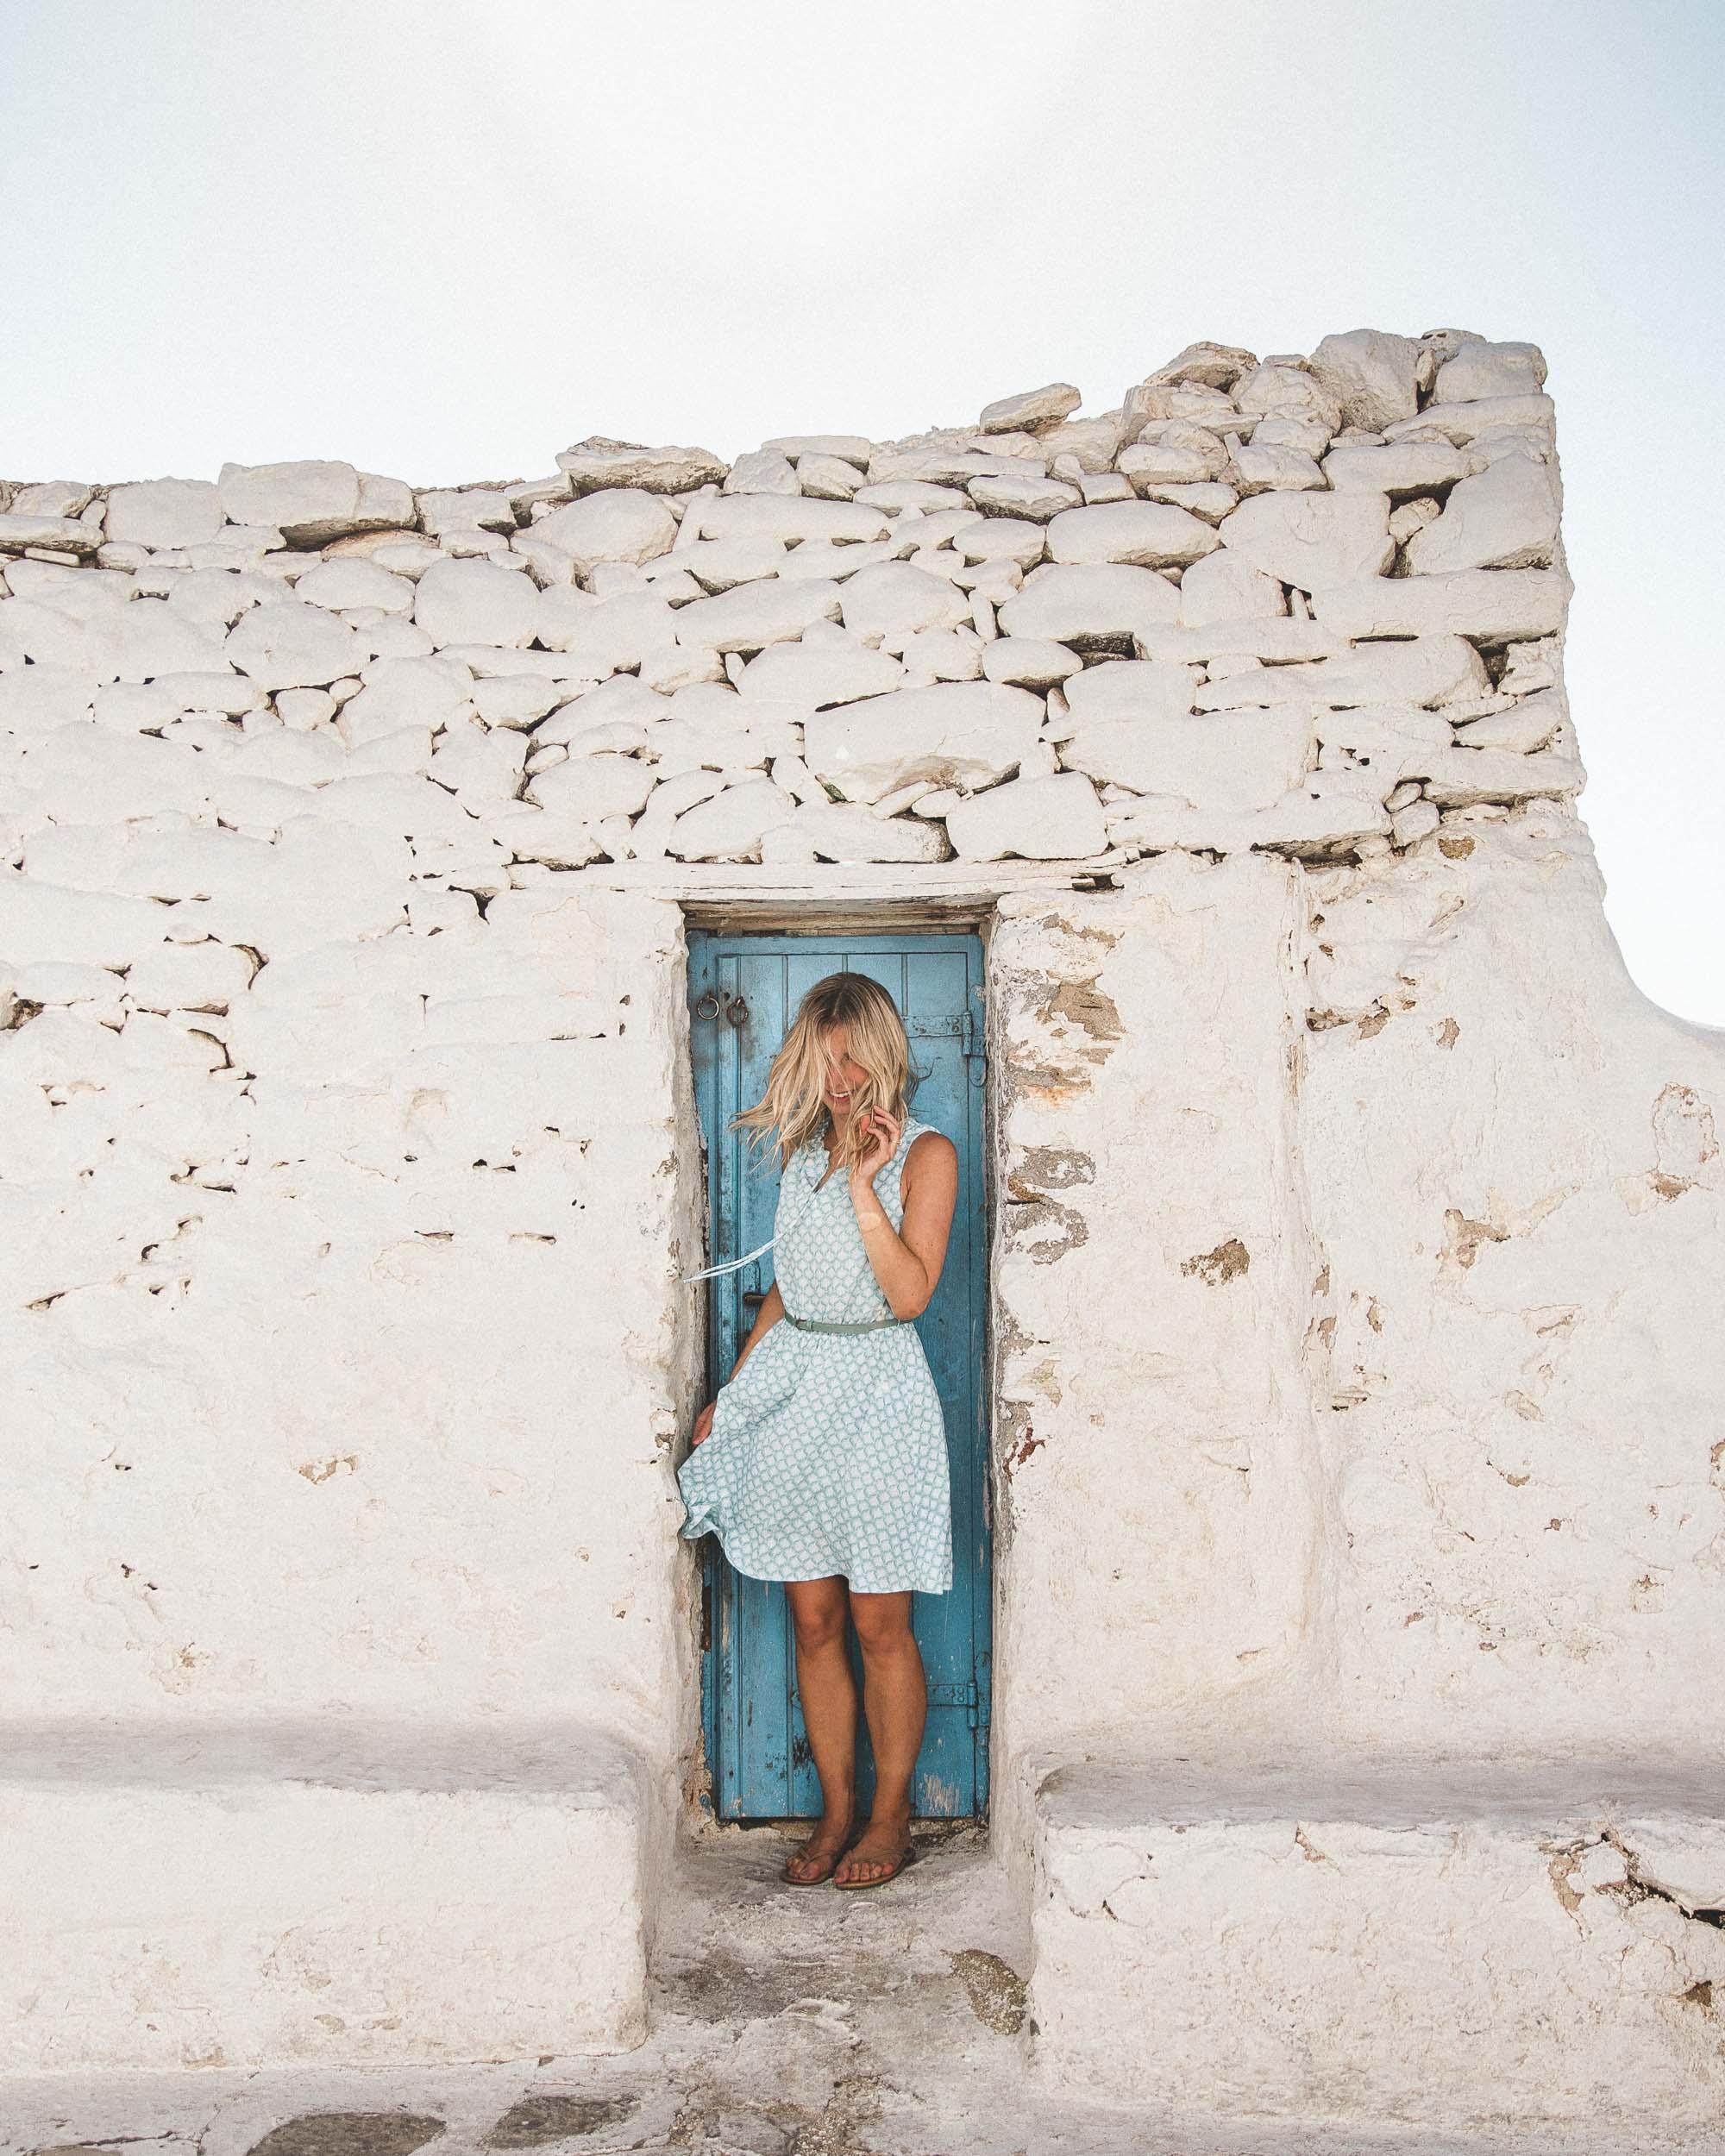 Downtown mykonos cobblestone streets white houses blue doors greek islands greece